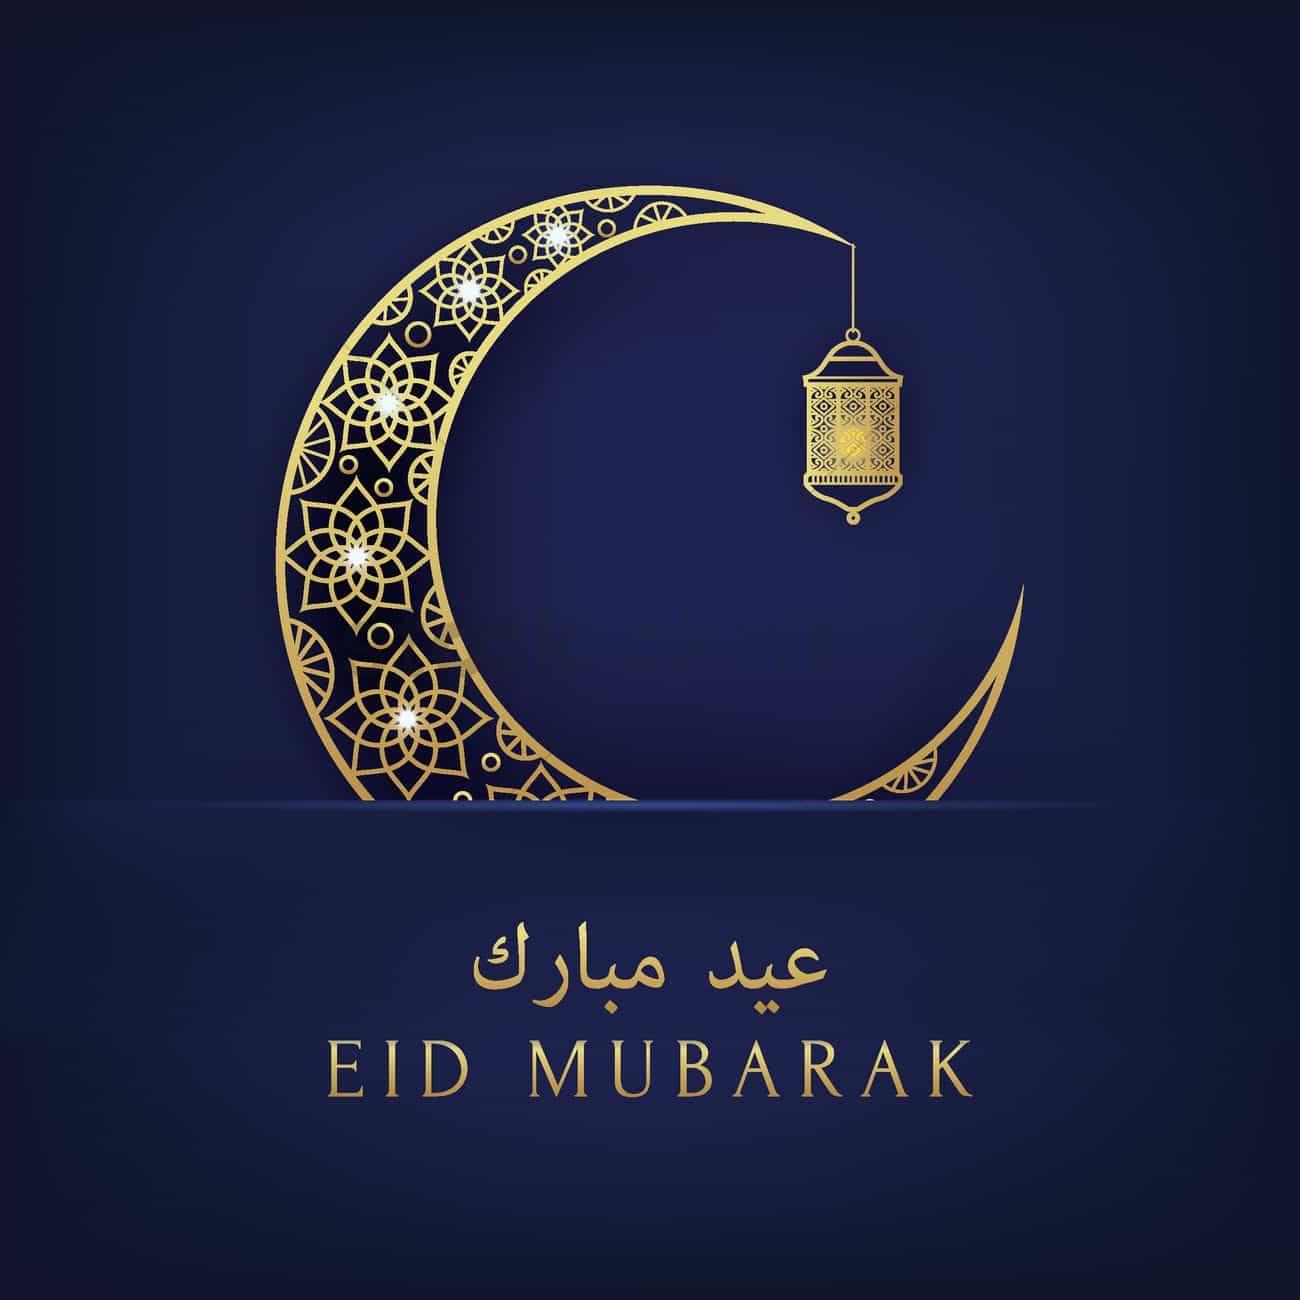 eid ul adha bakra eid mubarak pictures greetings images